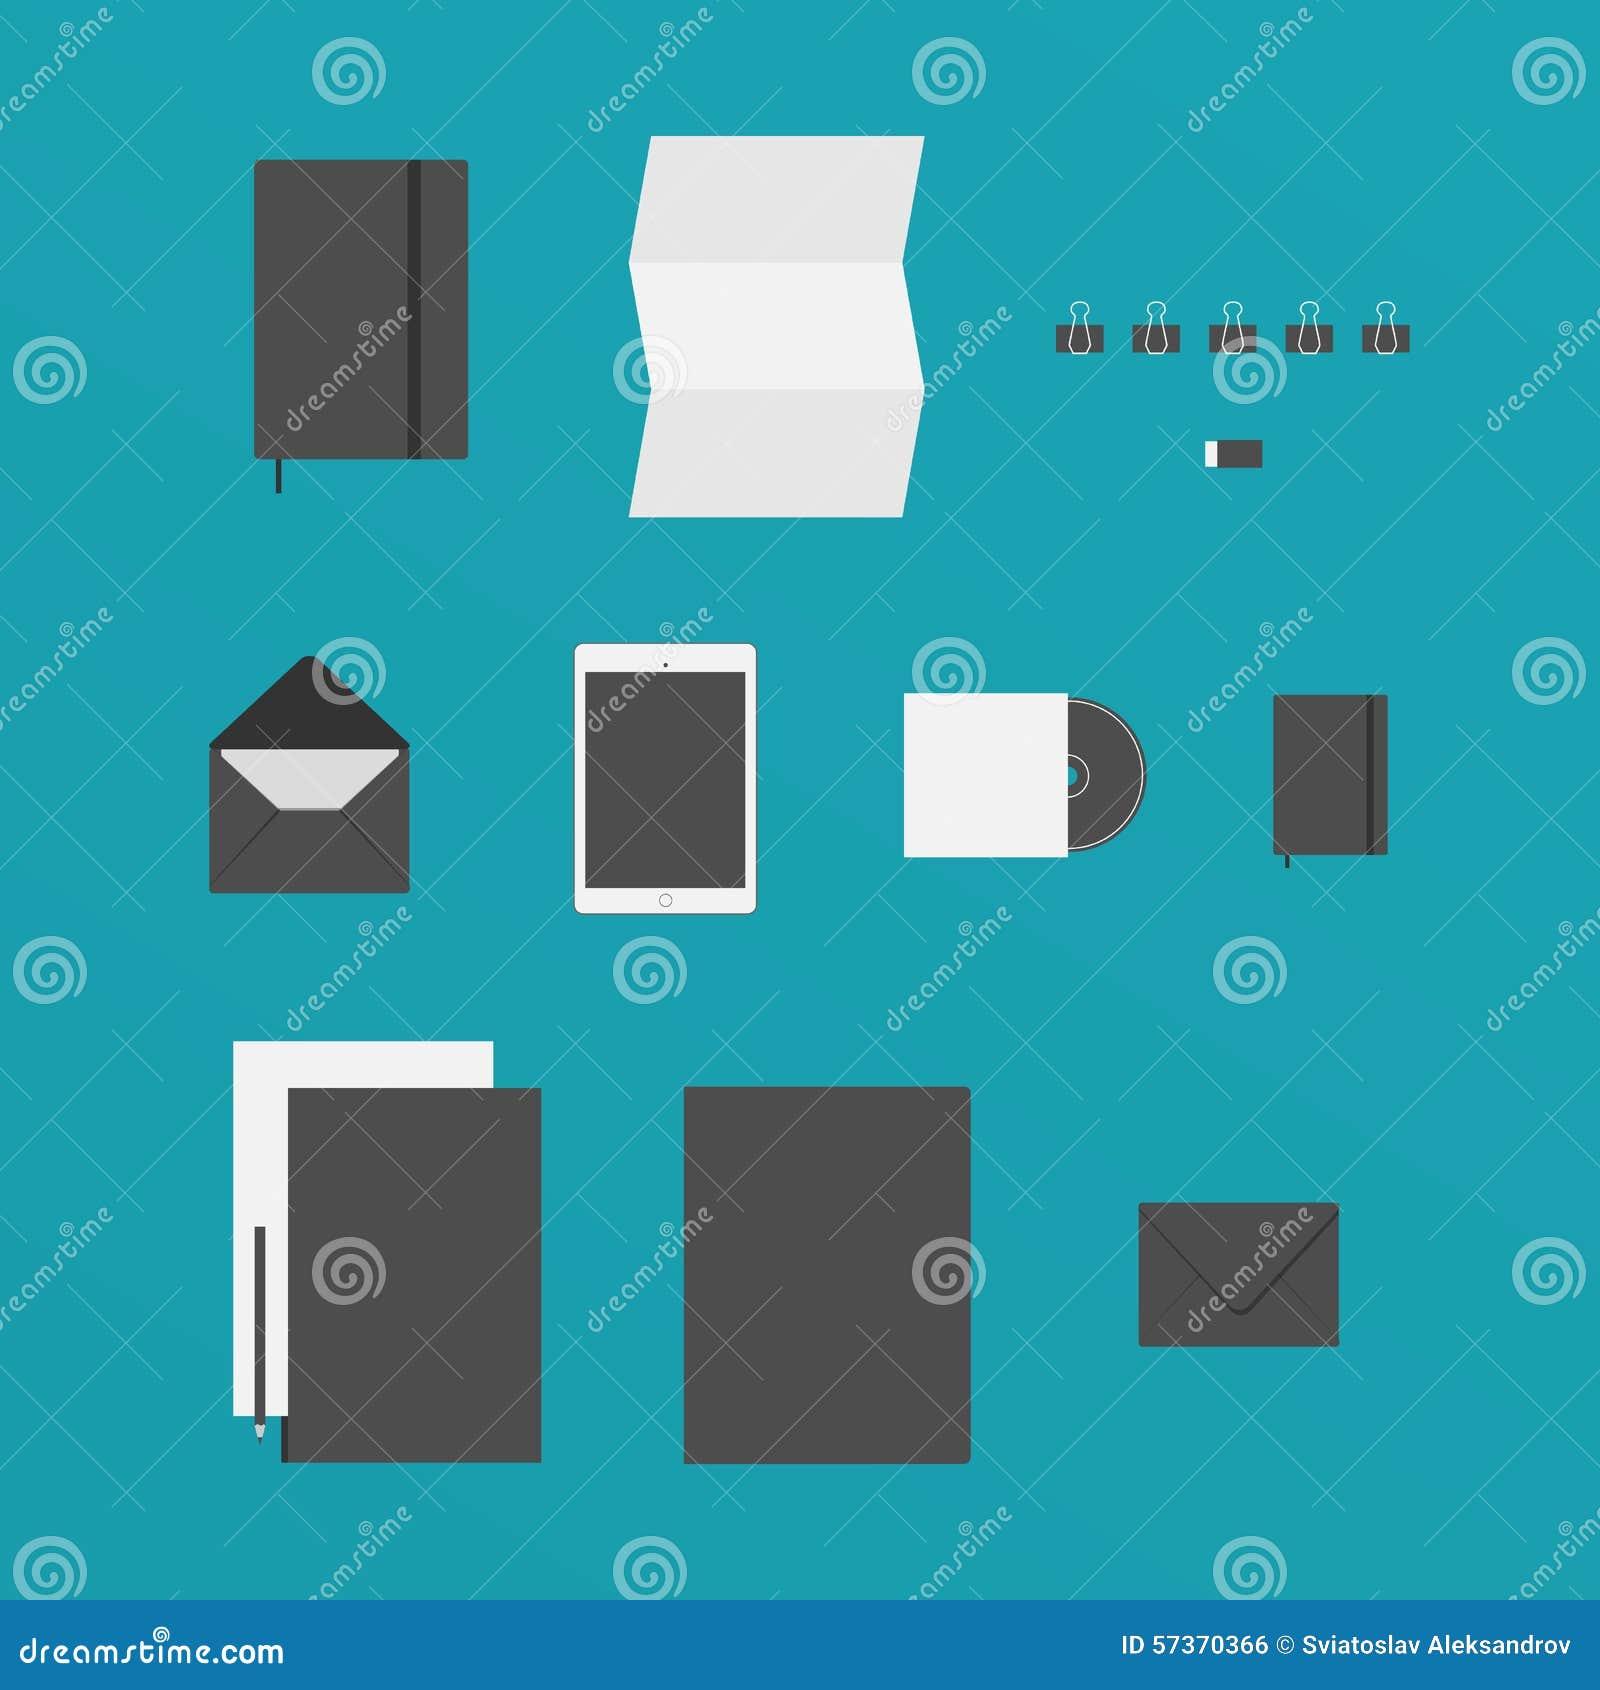 Flaches Design Von Buro Material Mogen Ein Papier Ein Tablet